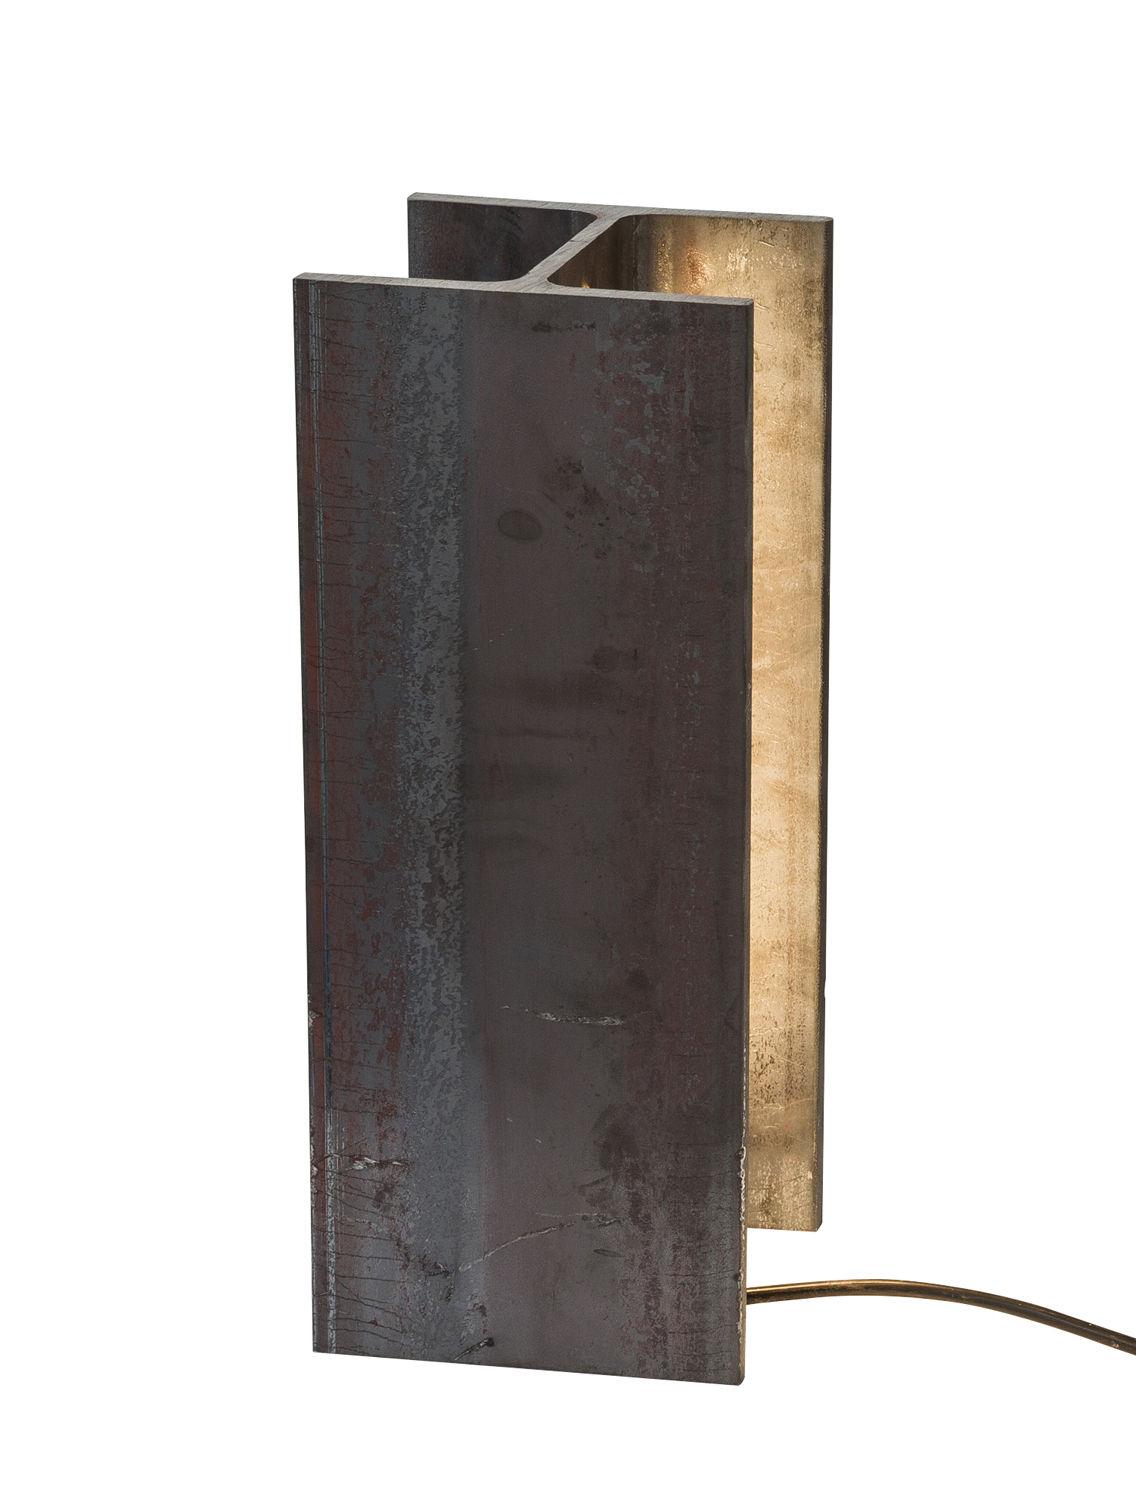 Illuminazione - Lampade da tavolo - Lampada Mais plus que cela je ne peux pas - / LED INDOOR - H 35 cm di Nemo - H 35 cm / Rouille - Fer brut